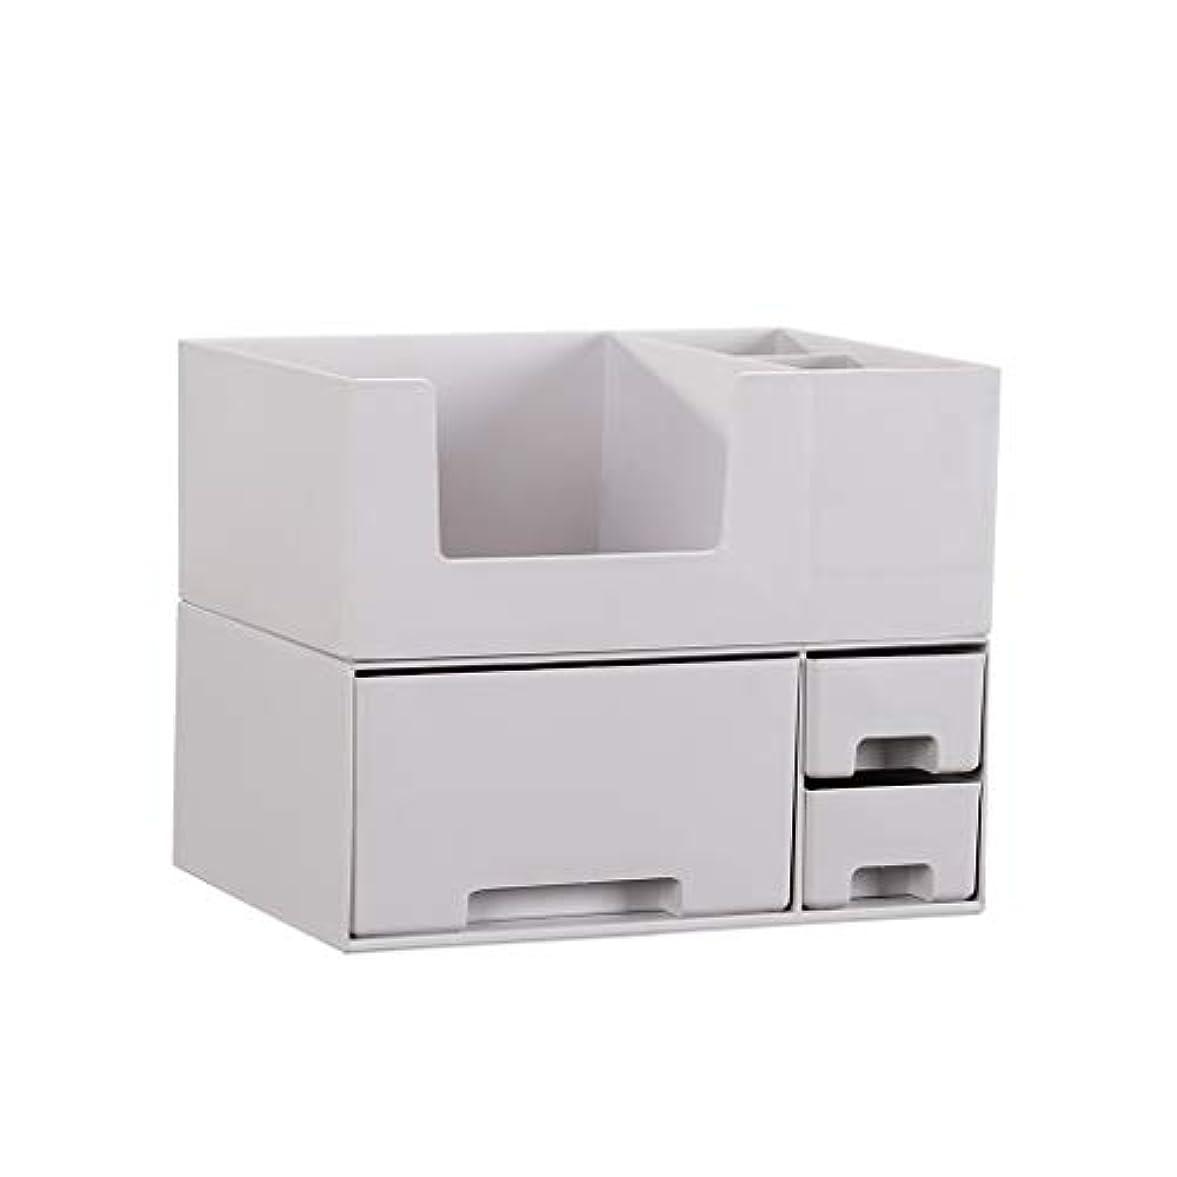 本質的ではないマウントパイプライン化粧品収納ボックスホームデスクトップレイヤード引き出しドレッシングテーブルスキンケアボックスフレーム